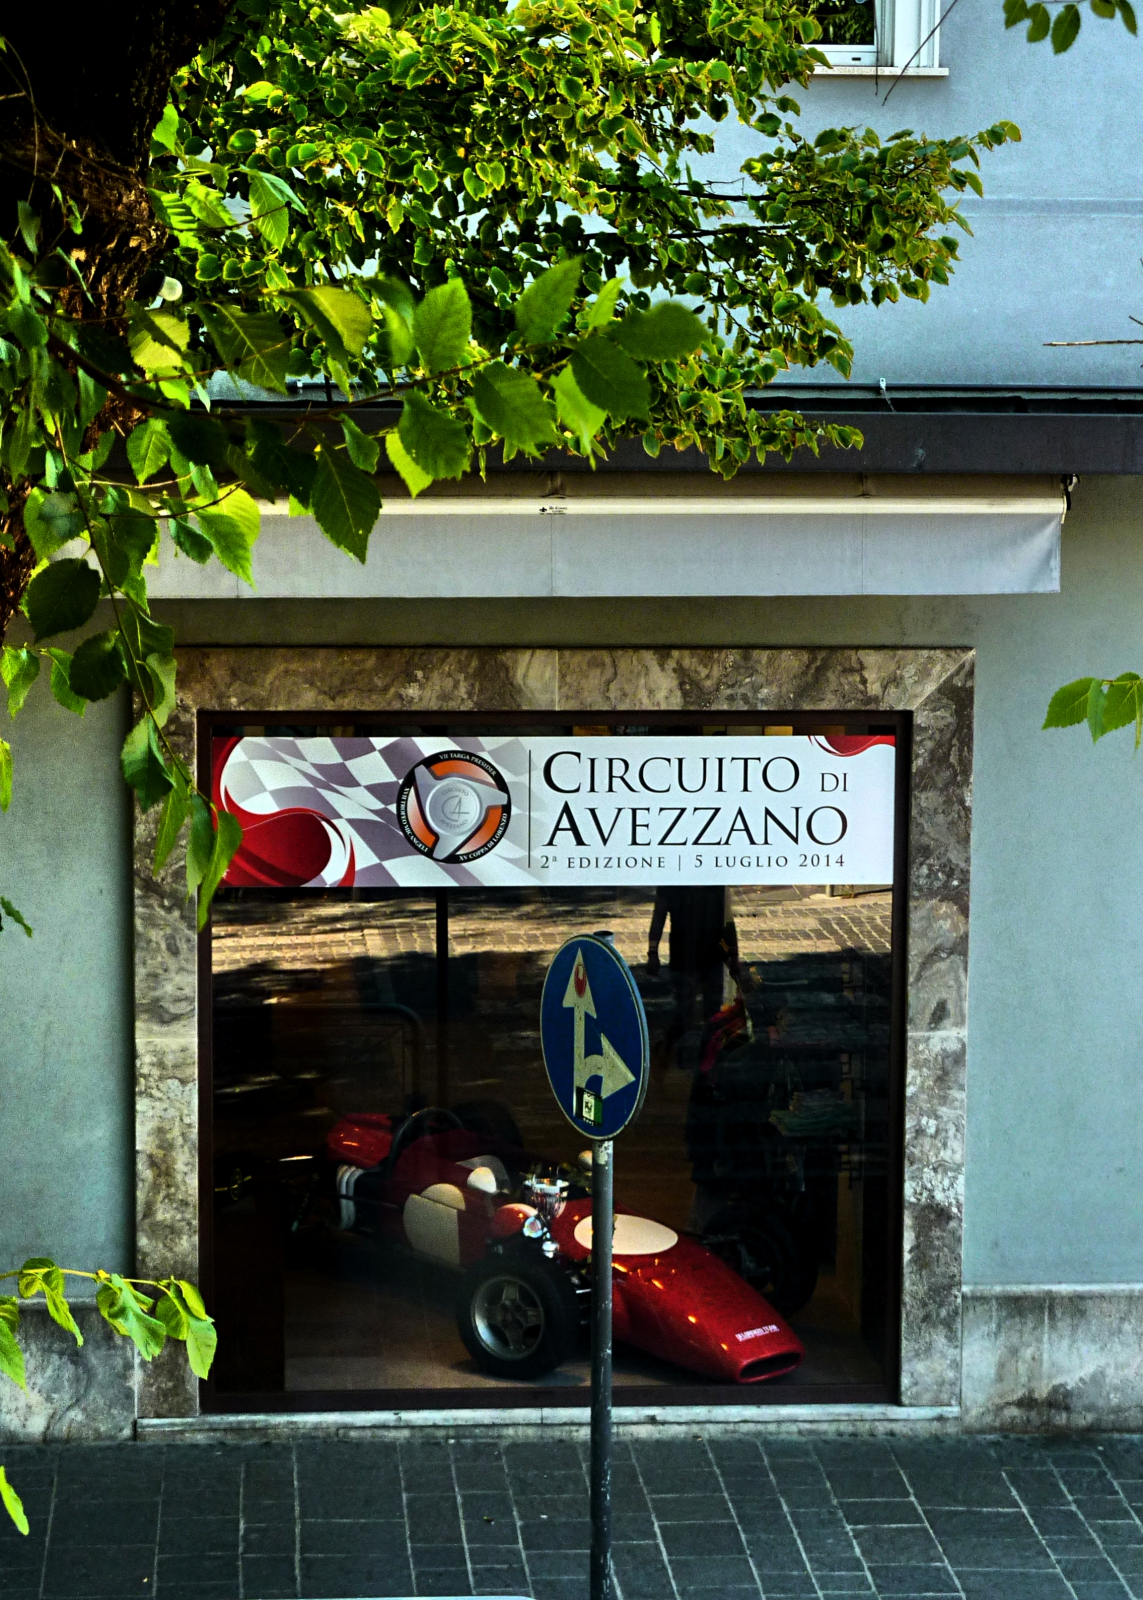 Circuito DI Avezzano 2014 (32).jpg